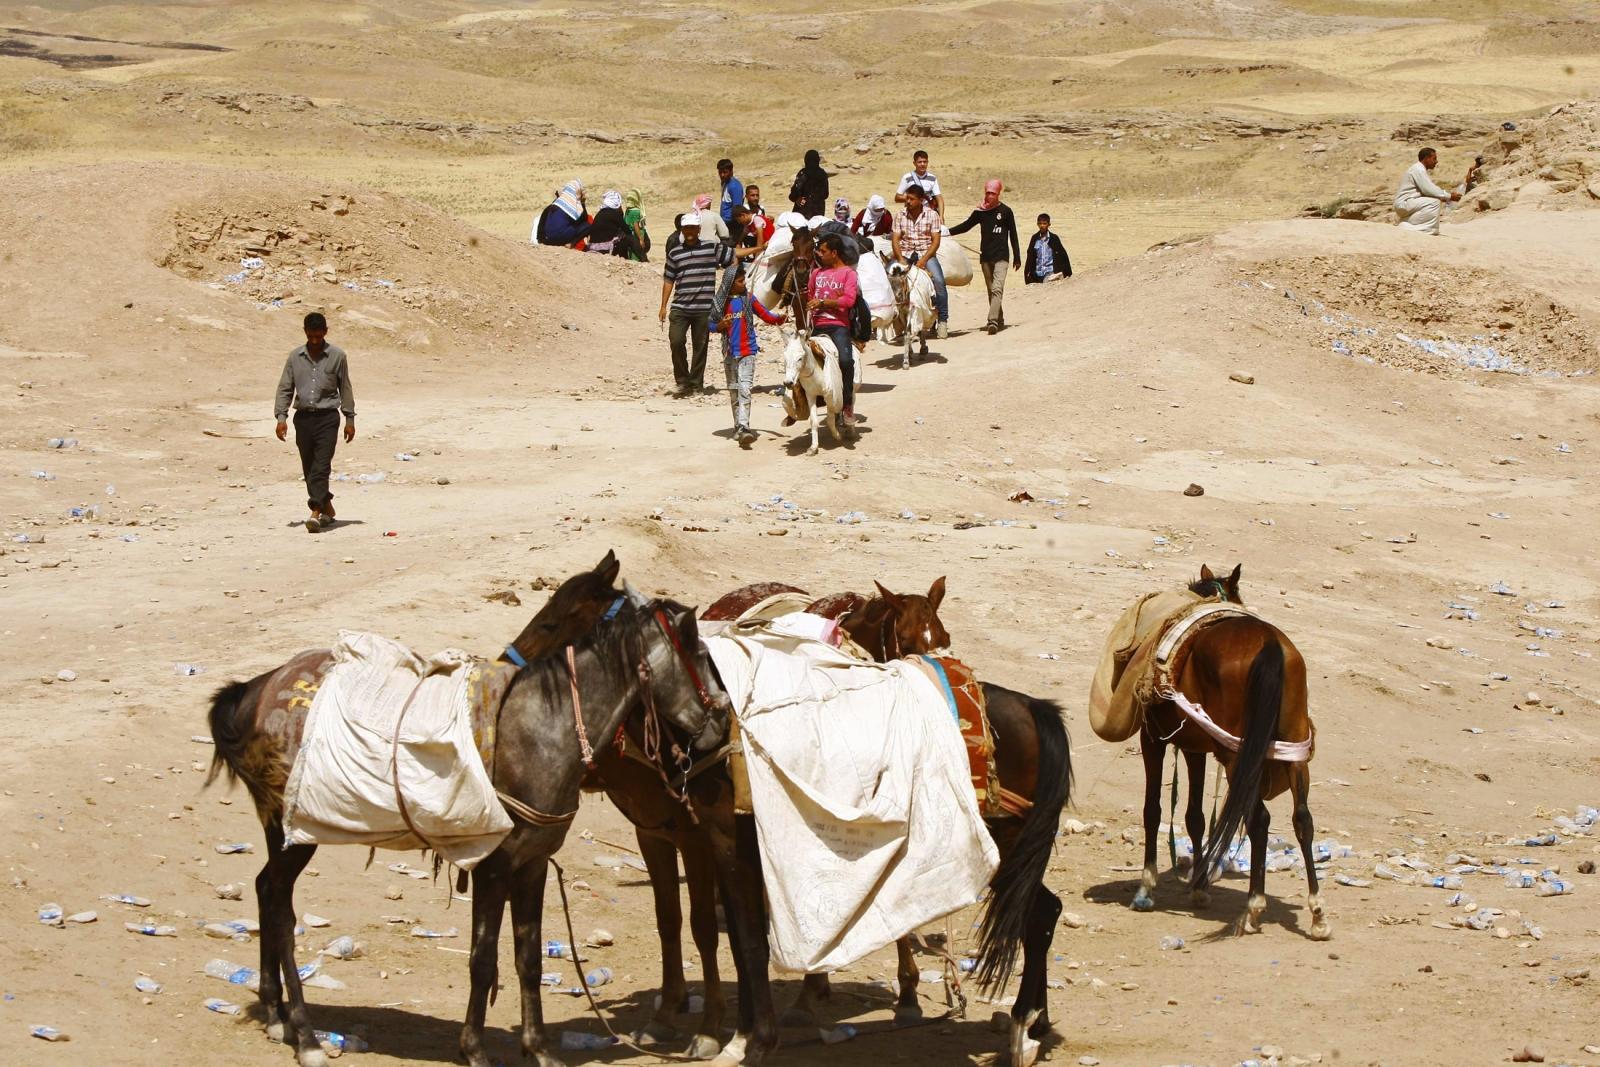 Syrian refugees Lebanon animals